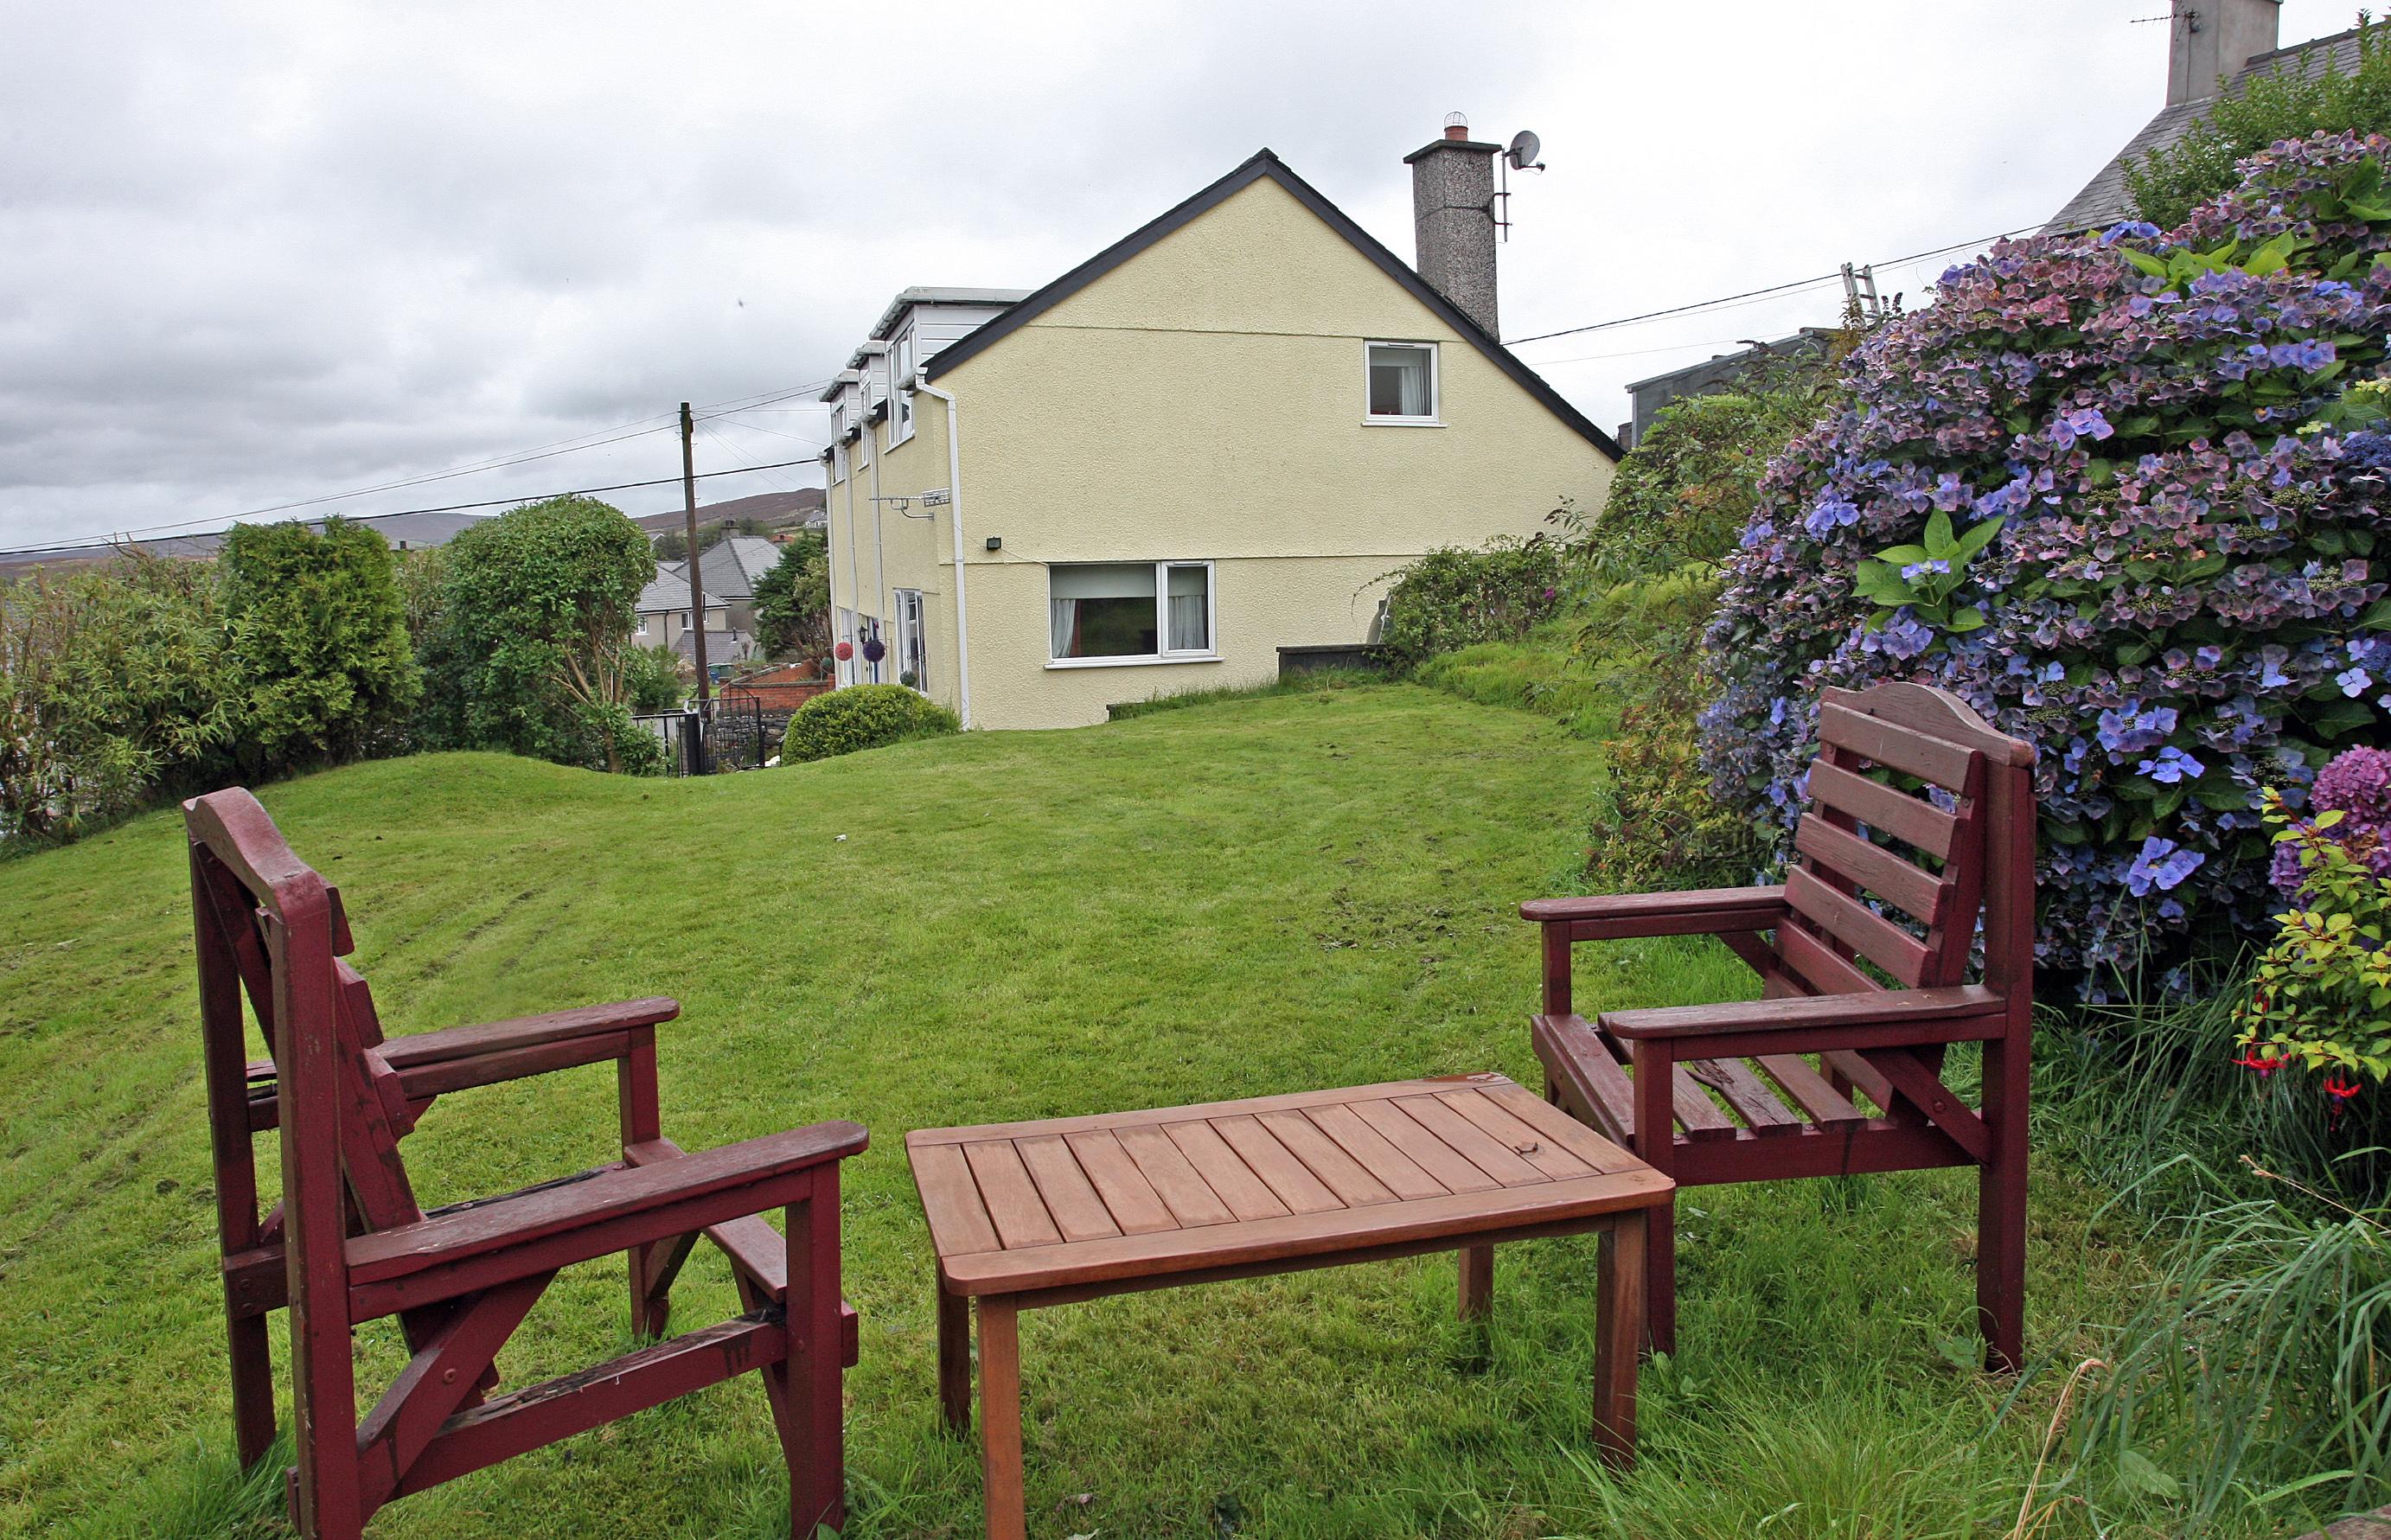 Rhosgadfan, Caernarfon, North Wales